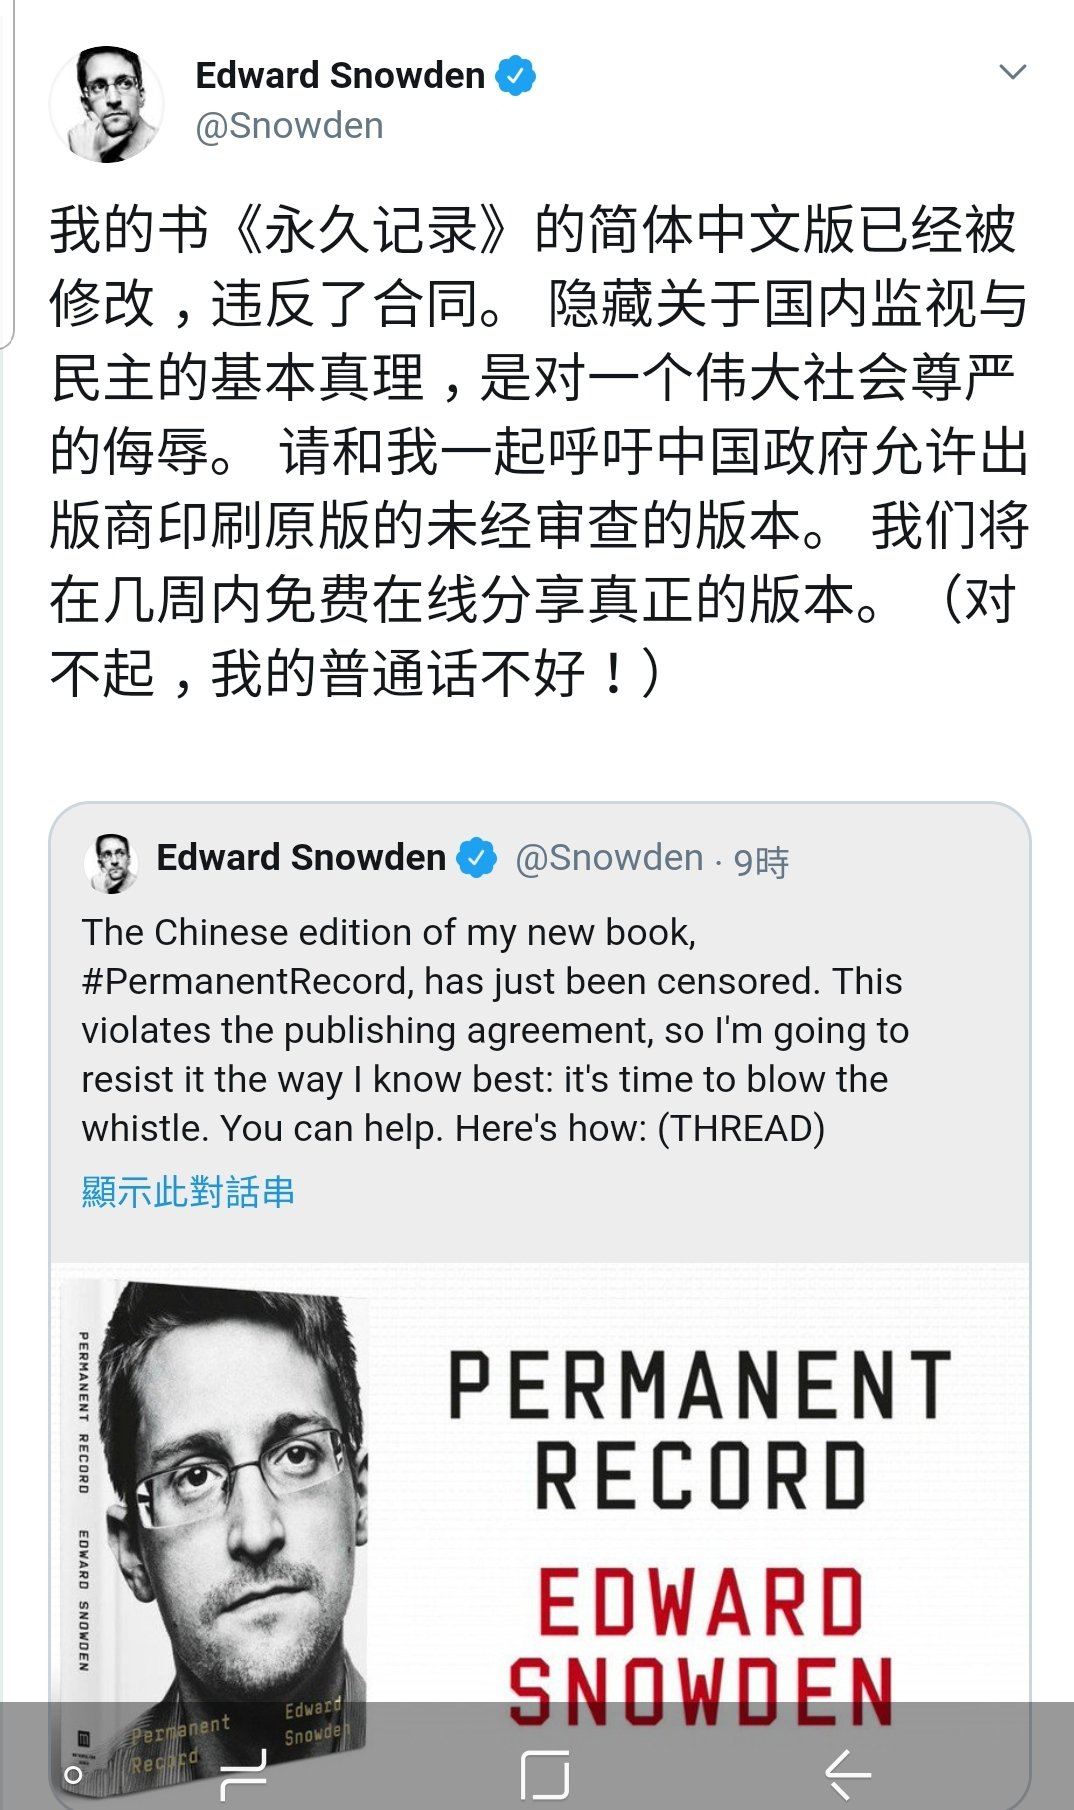 史諾登在推特上表示新書內容被中國大陸刪減。圖/取自推特